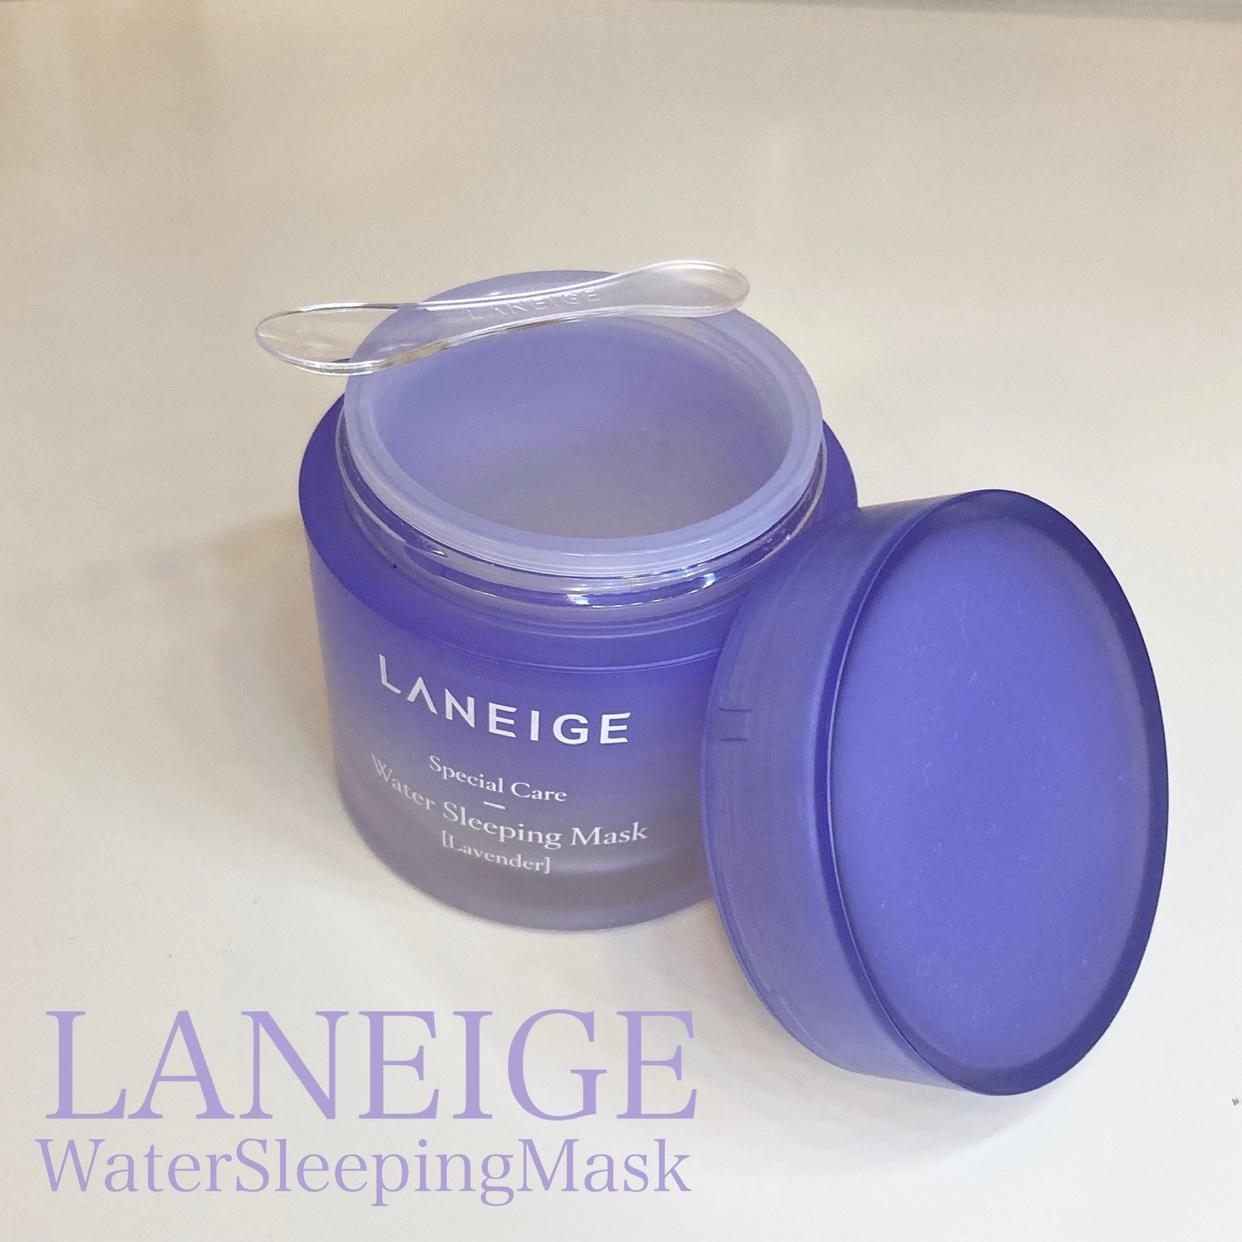 LANEIGE(ラネージュ) ウォーター スリーピング マスクを使ったあやさんのクチコミ画像1